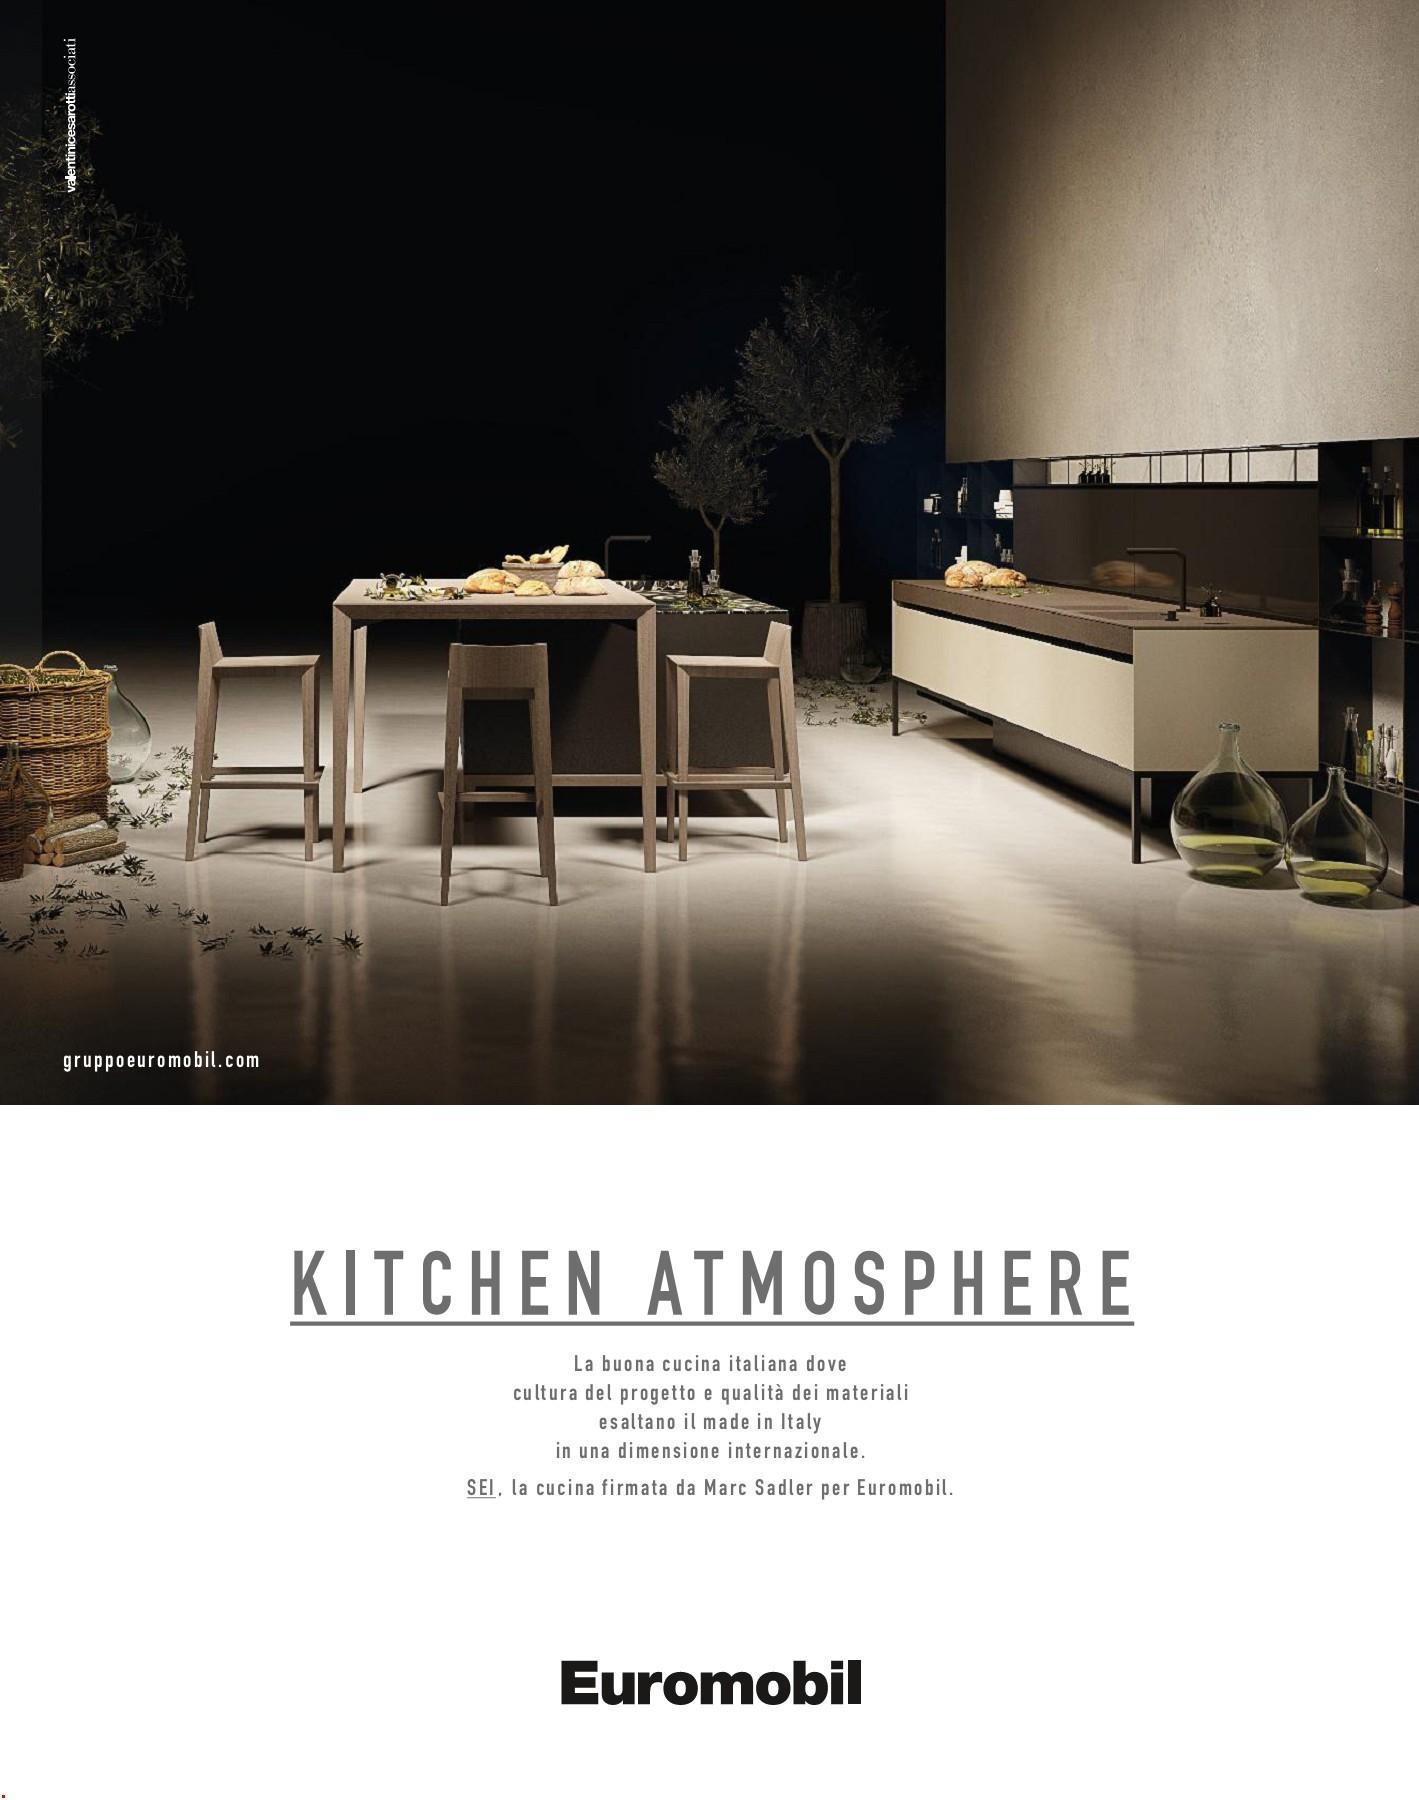 Tagliare Marmo Piano Cucina interni italia_jan 2019-flip book pages 51-100 | pubhtml5